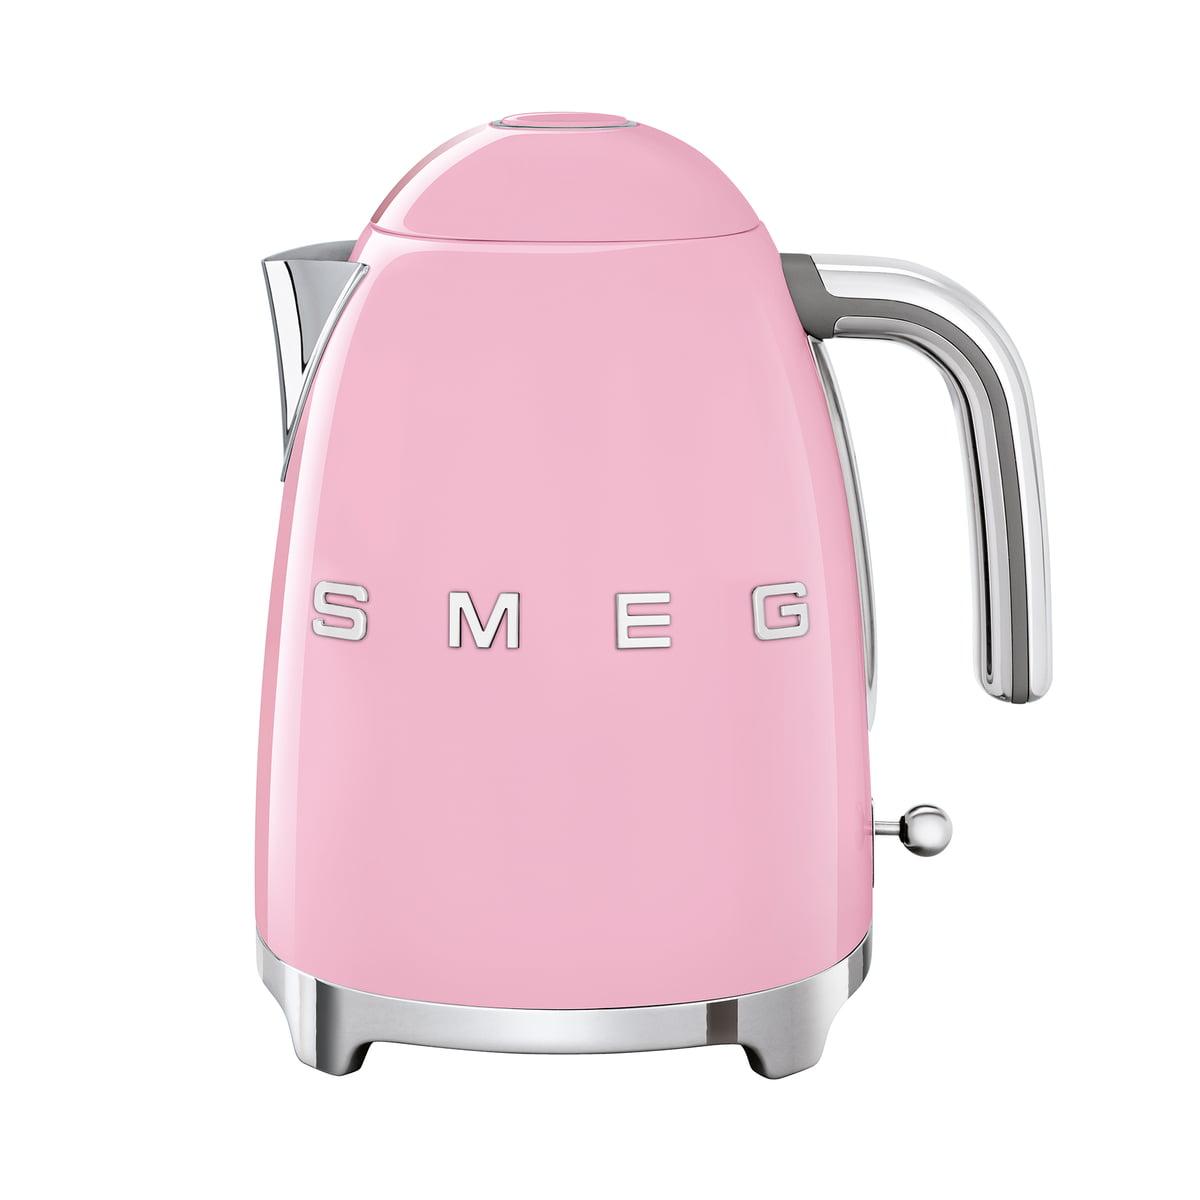 SMEG - Wasserkocher 1,7 l (KLF03), cadillac pink